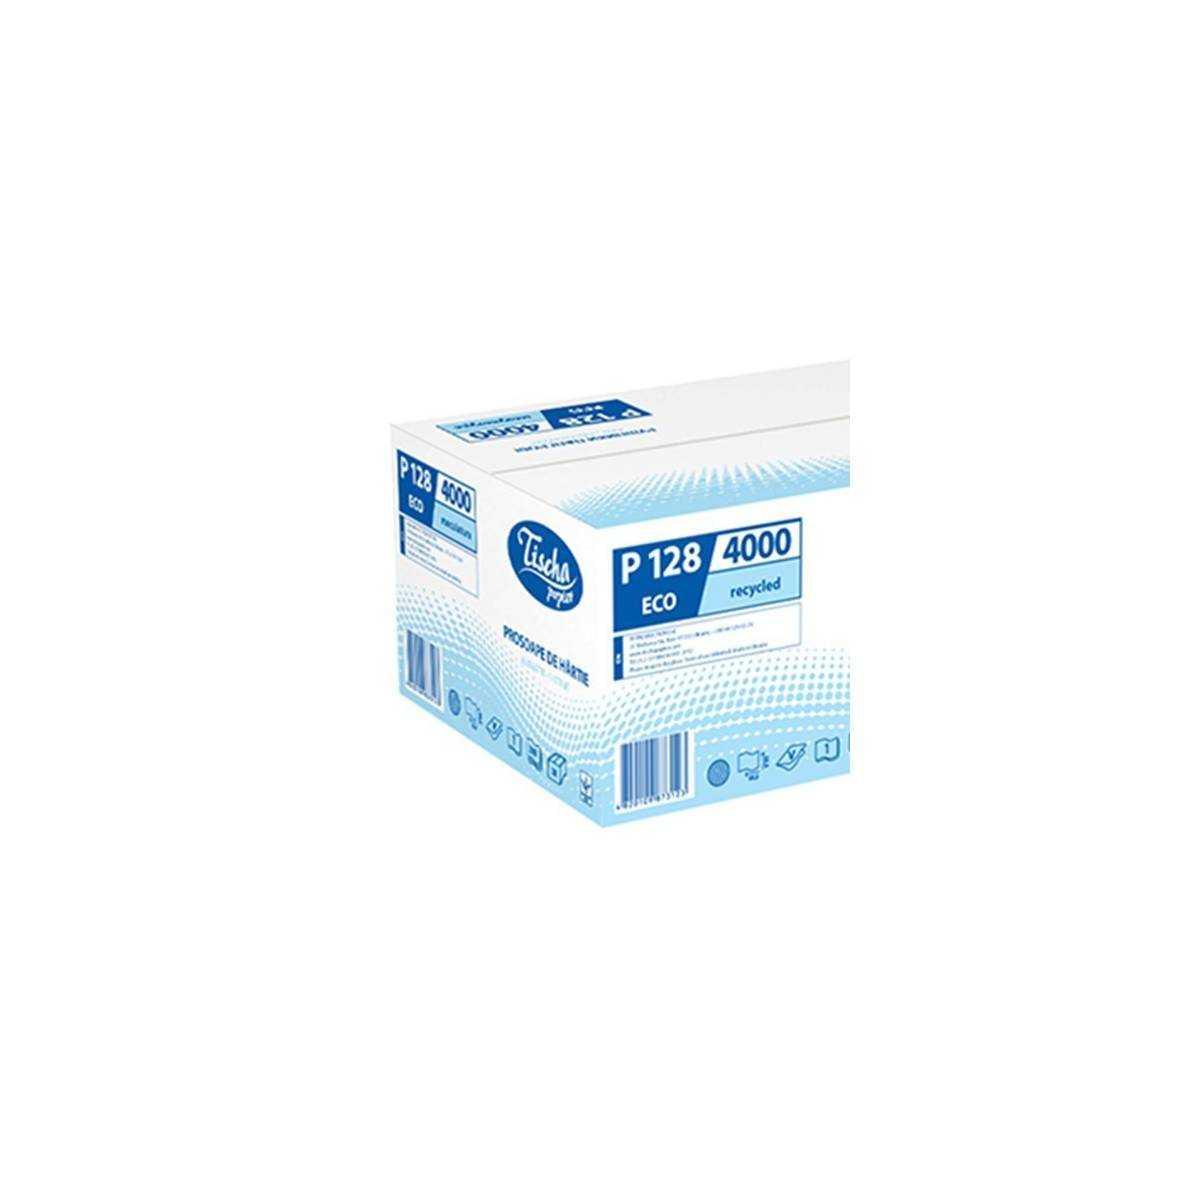 Полотенца бумажные ECO (ящик/20 пачек по 200 листов) P128 Tischa Papier